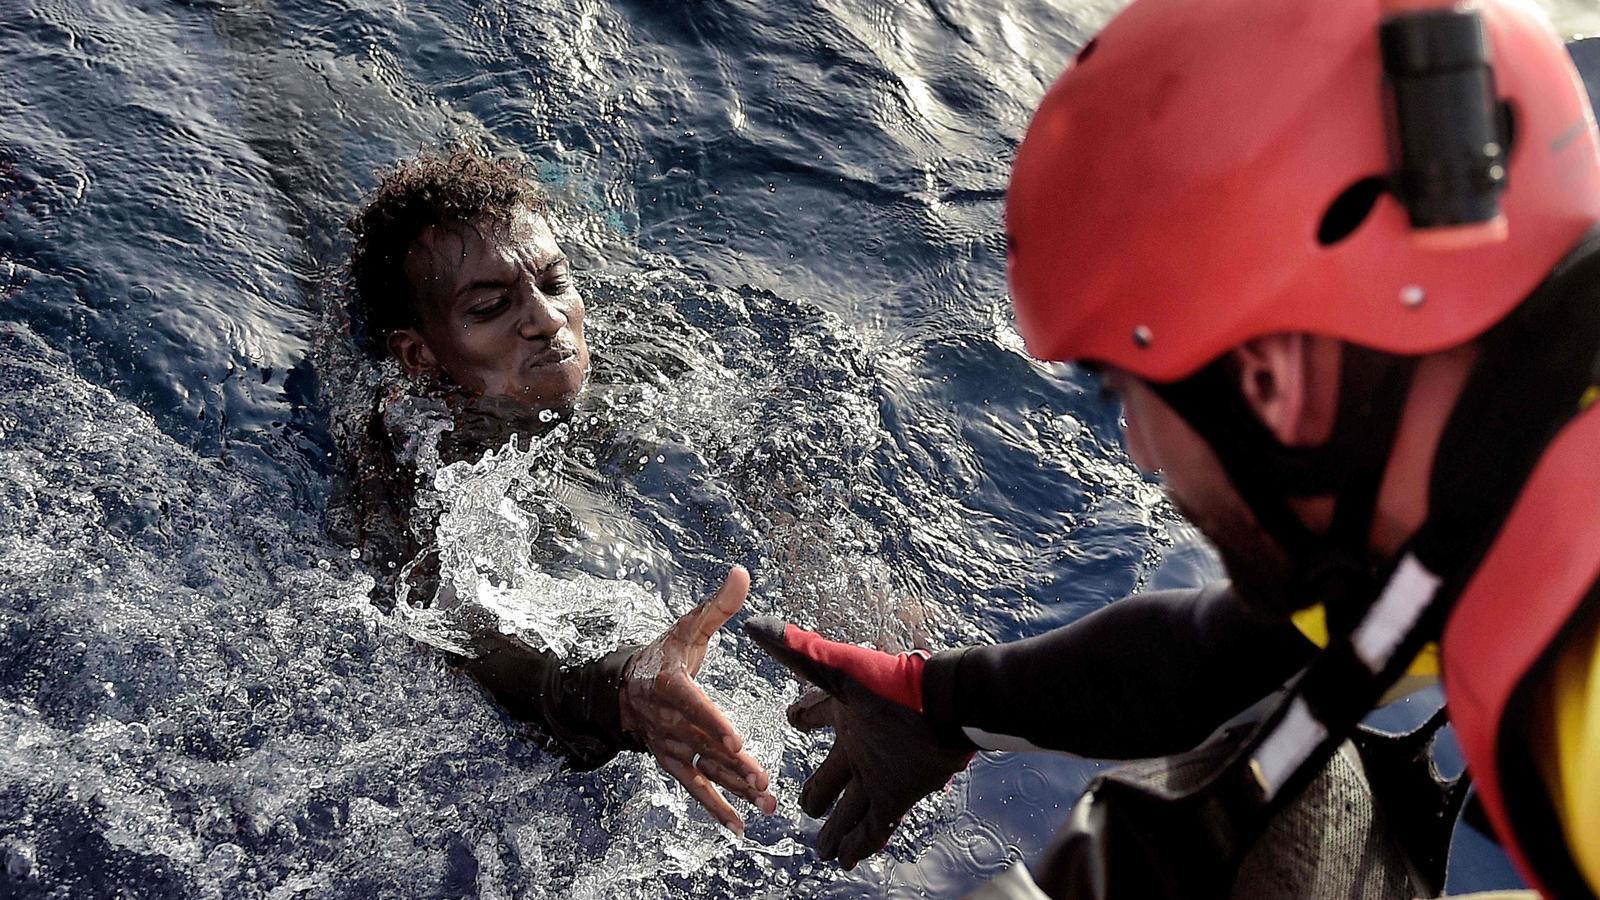 La ONG Proactiva Open Arms rescatant un immigrant que intentava creuar el mediterrani.